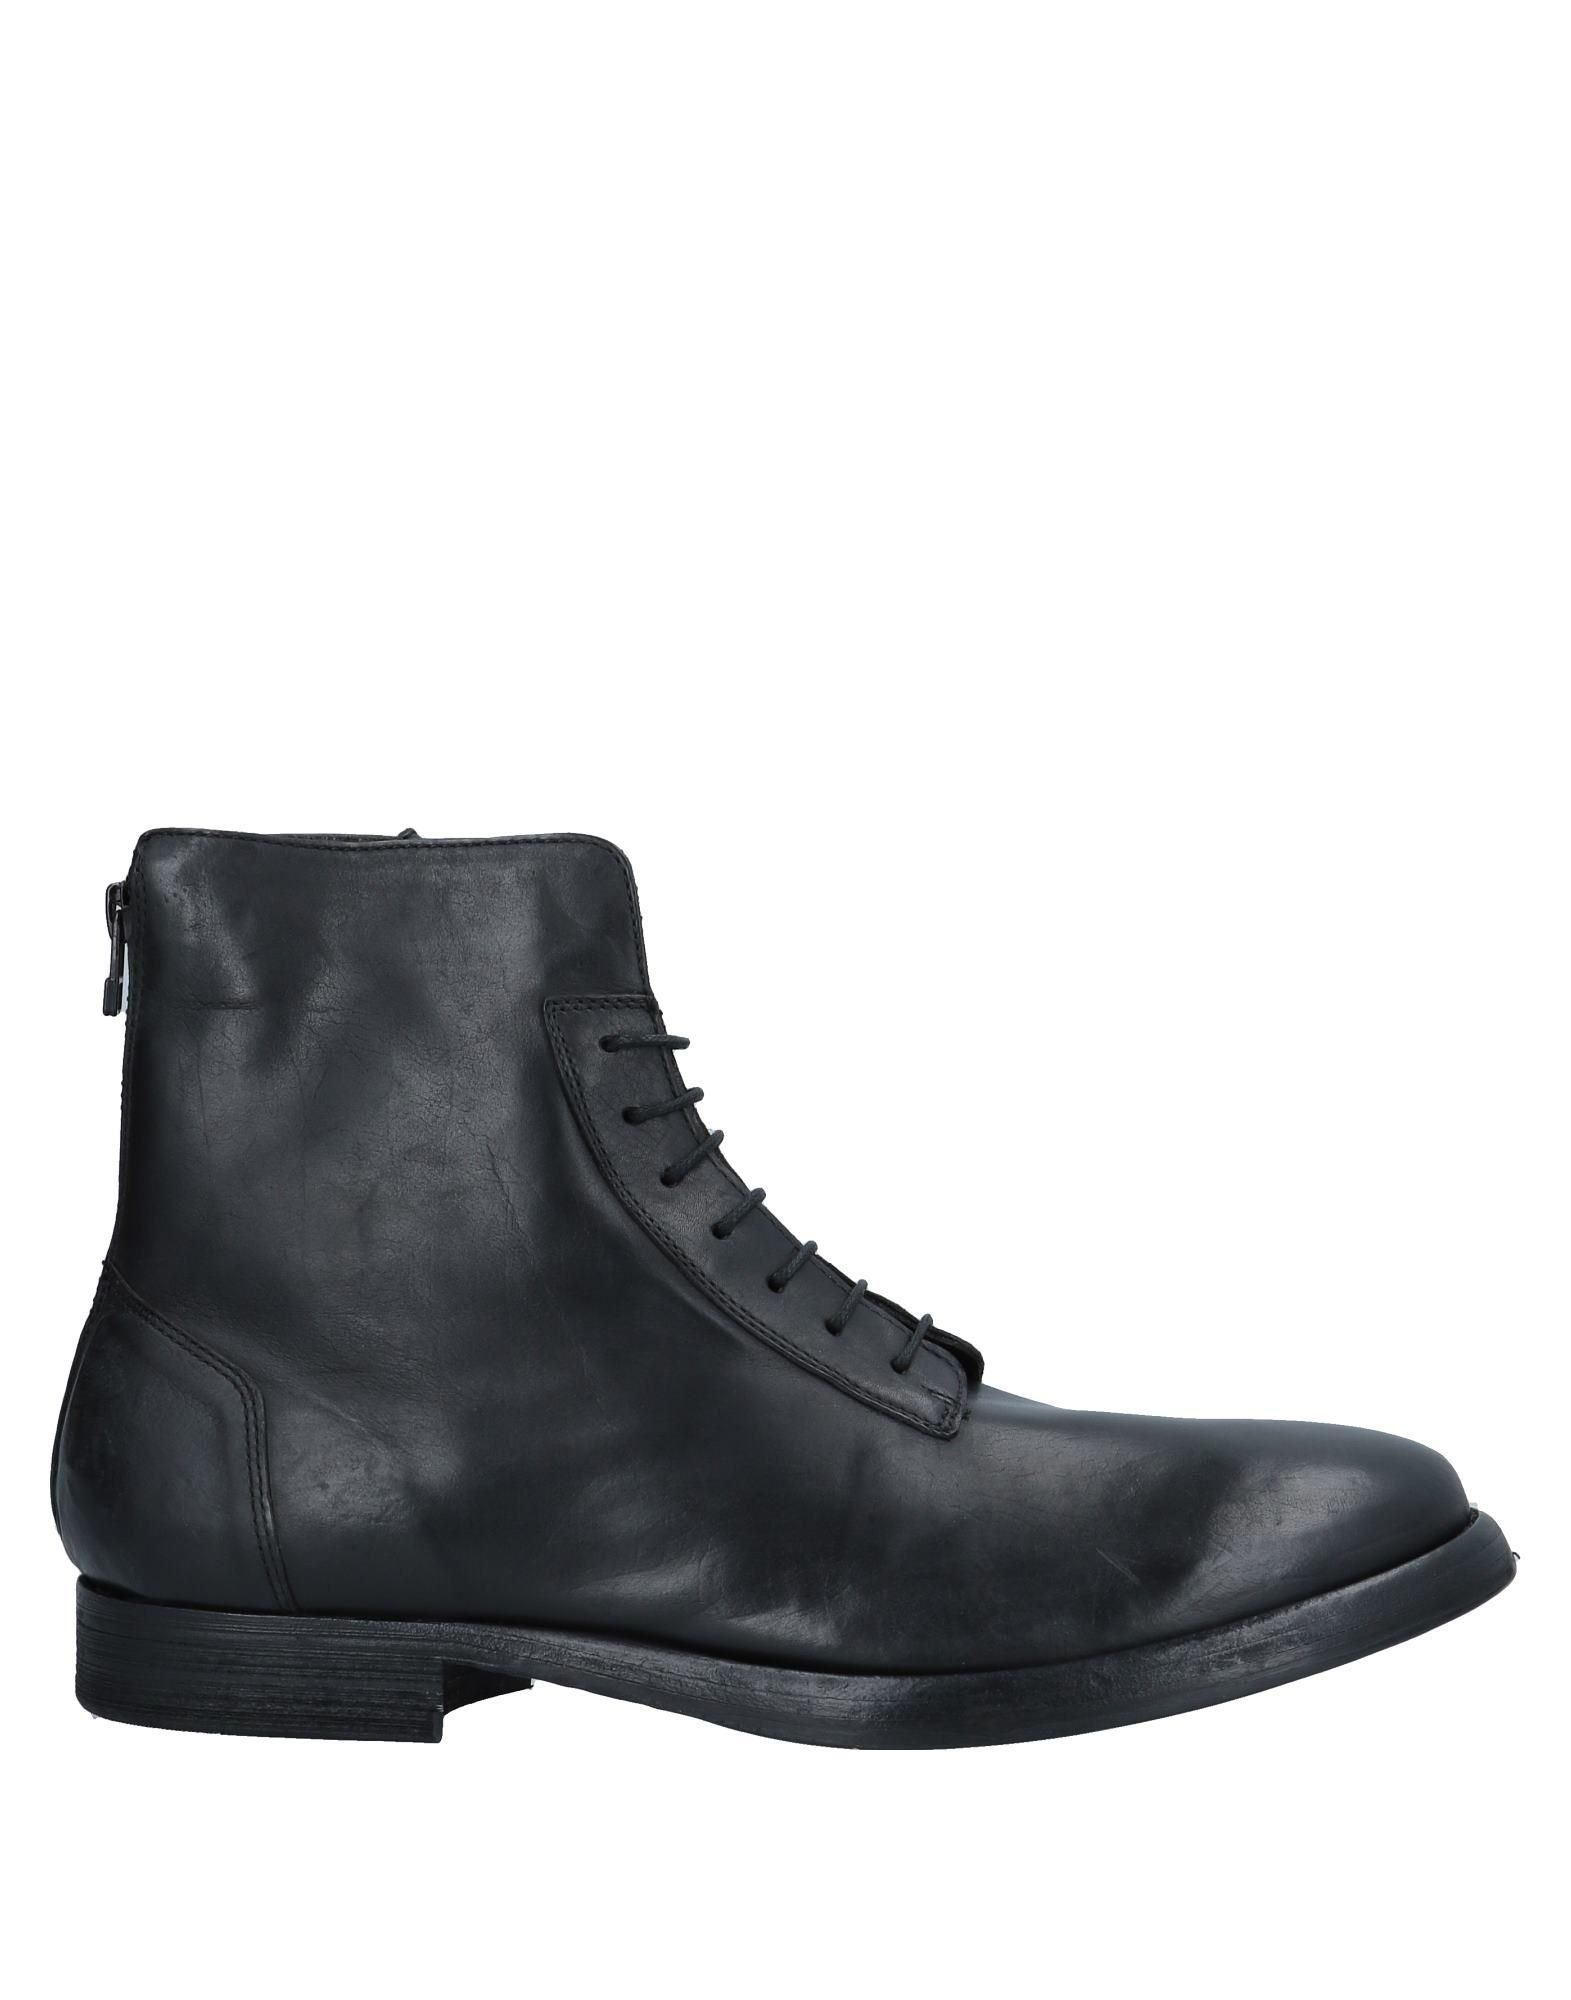 Keep Originals Stiefelette Herren  11549913XT Gute Qualität beliebte Schuhe